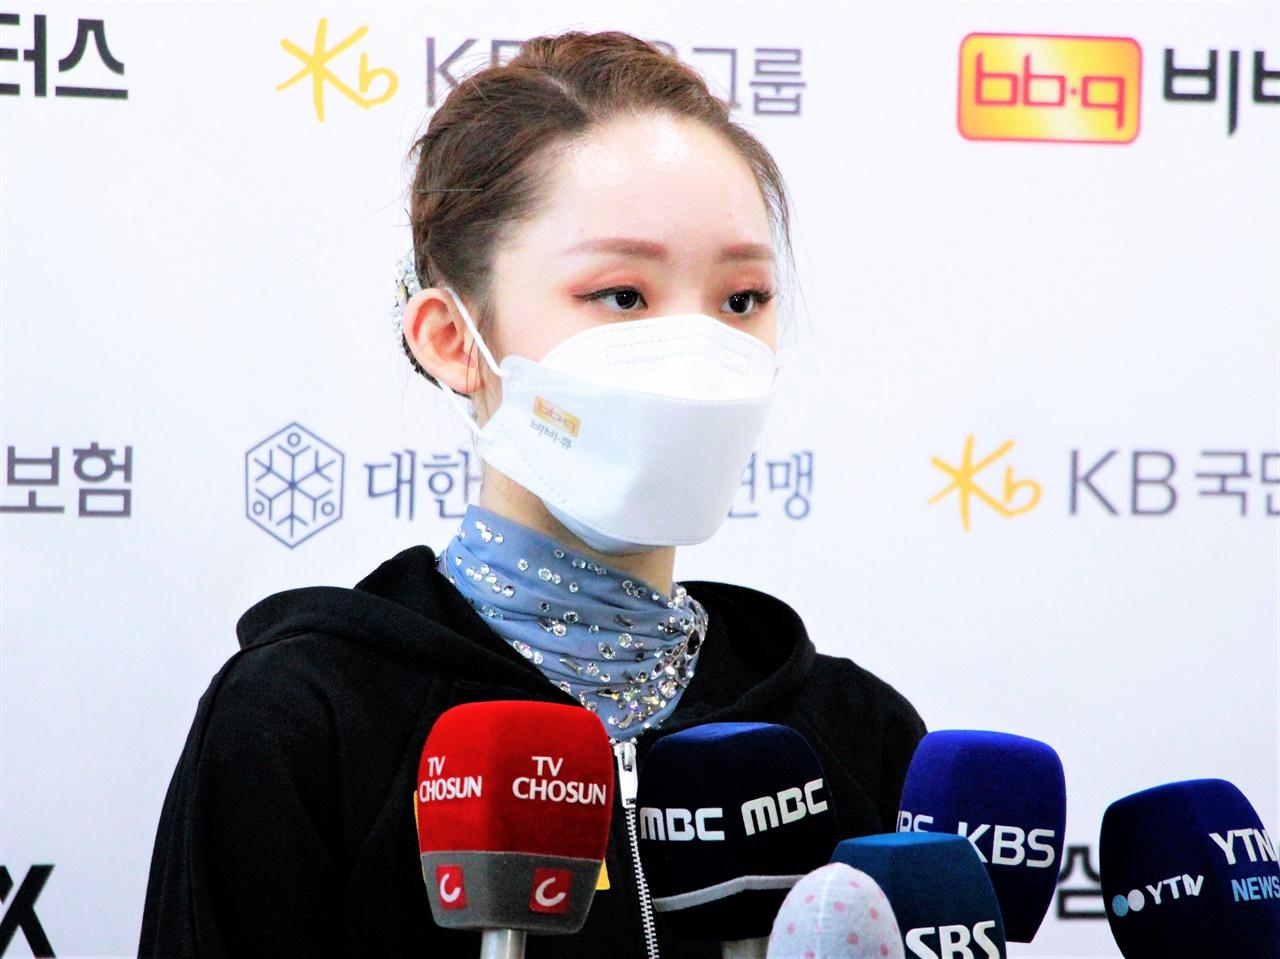 피겨스케이팅 김예림 선수가 26일 한국선수권에서 우승한 뒤 인터뷰에 응하고 있다.